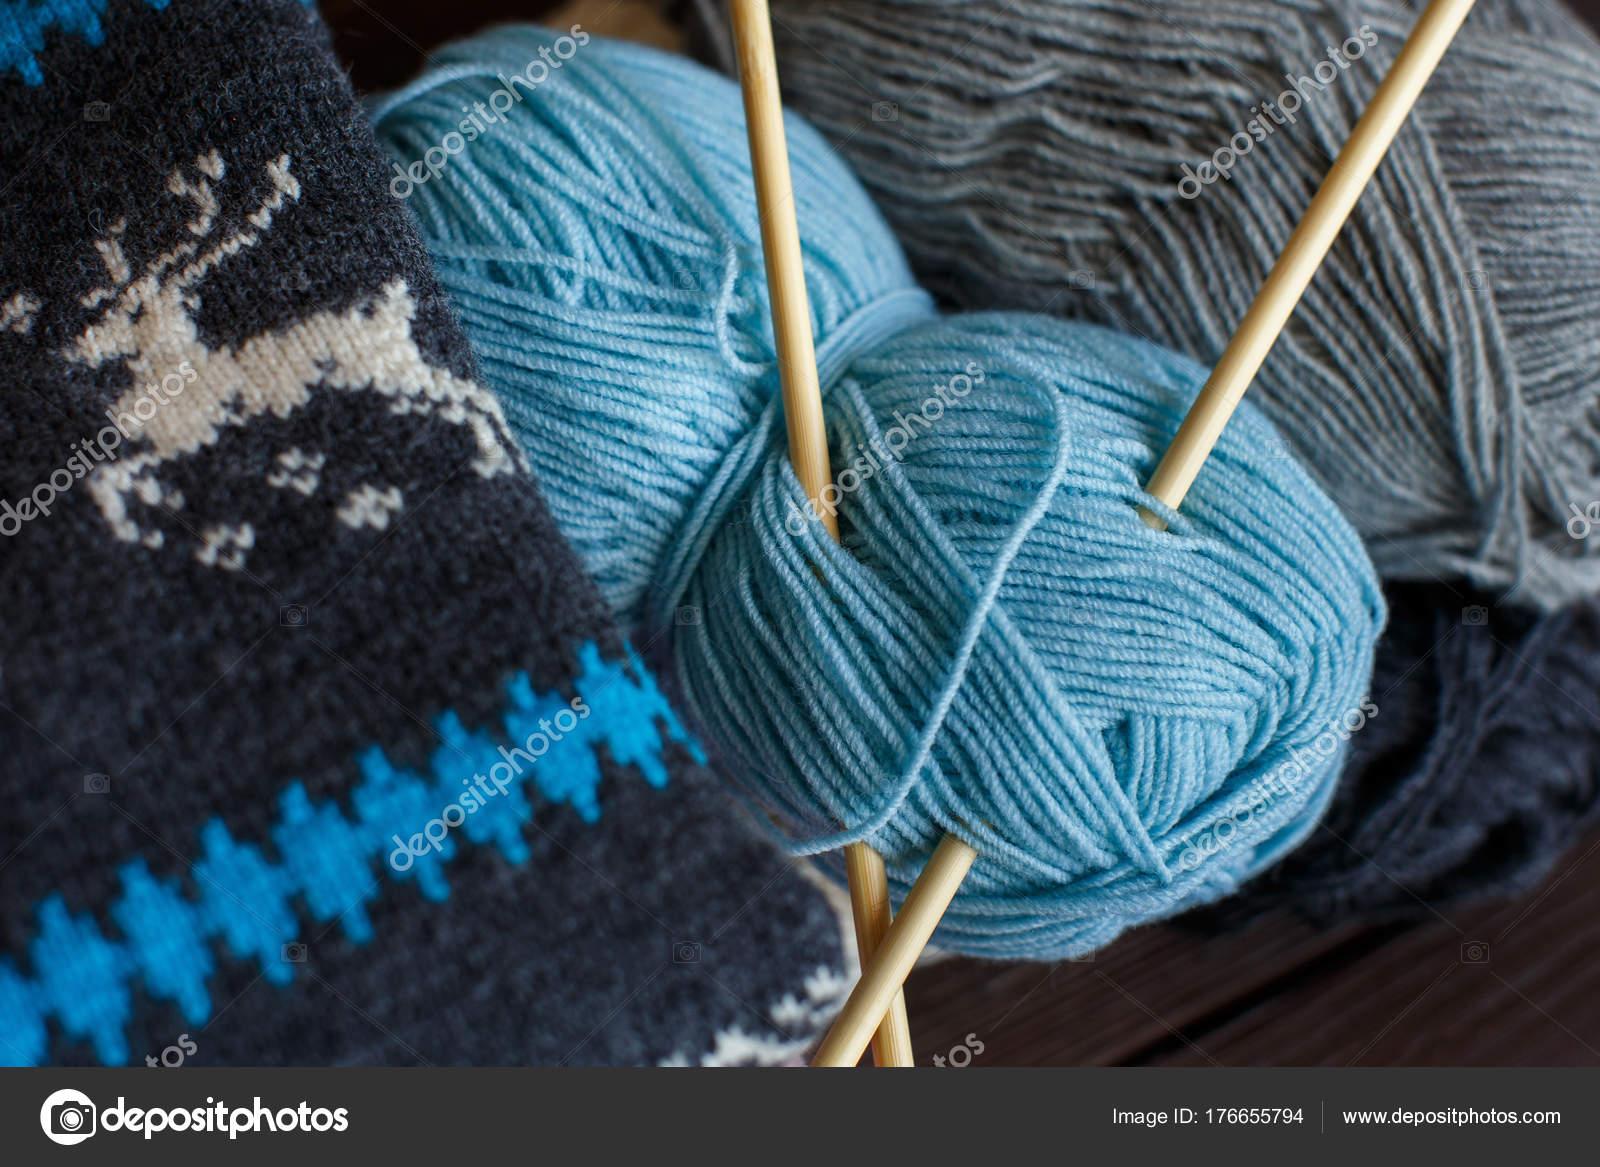 вязание стиль жизни стоковое фото Kkshepel 176655794